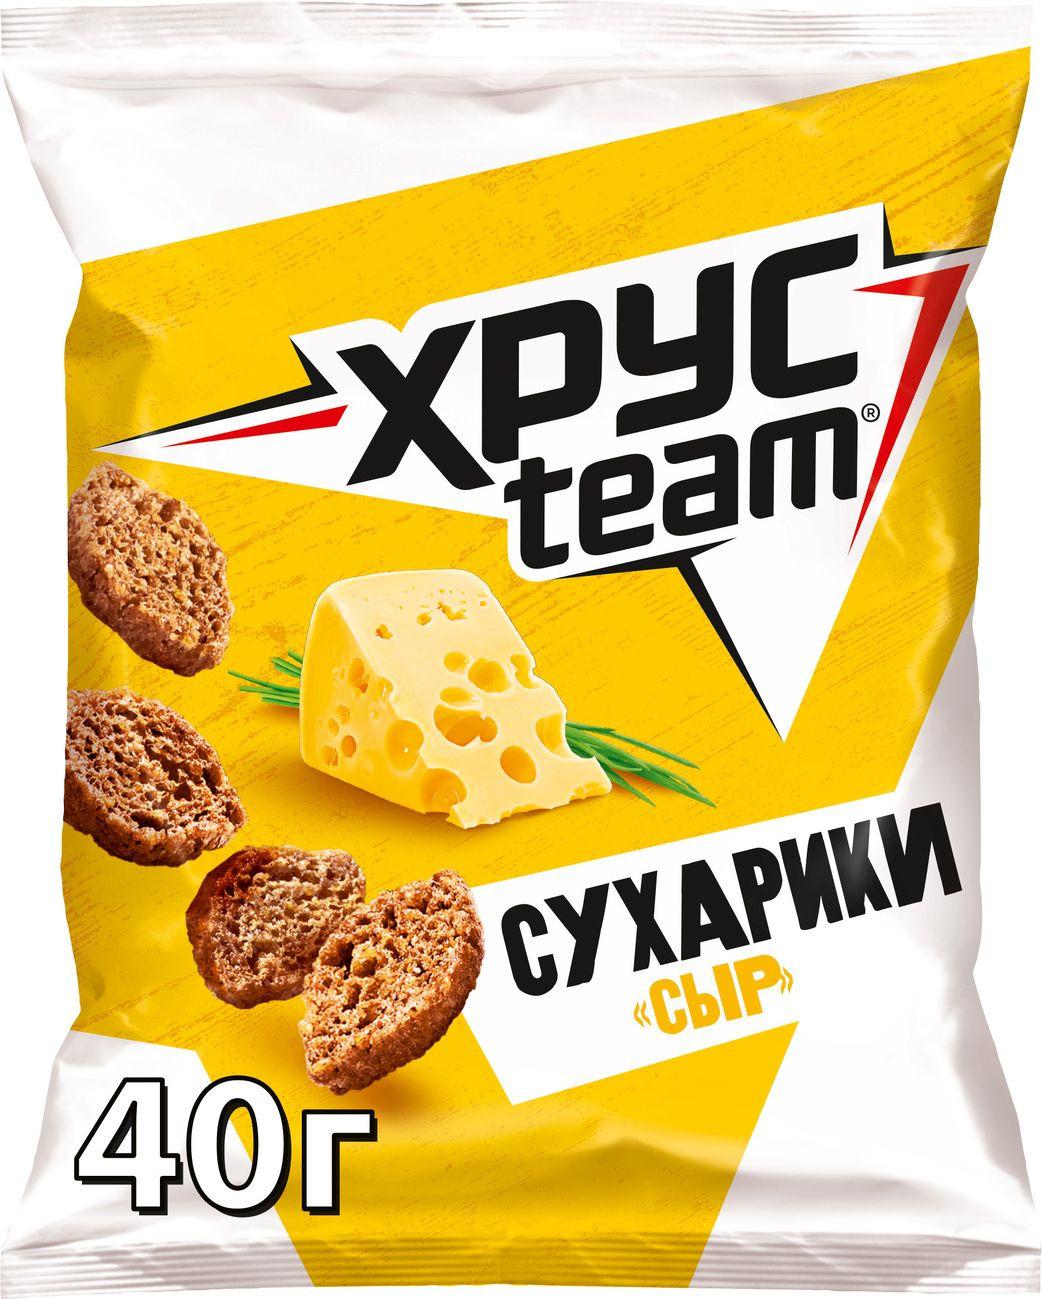 Хрусteam сухарики Сыр, 40 г хрусteam твистеr сухарики бекон 45 г